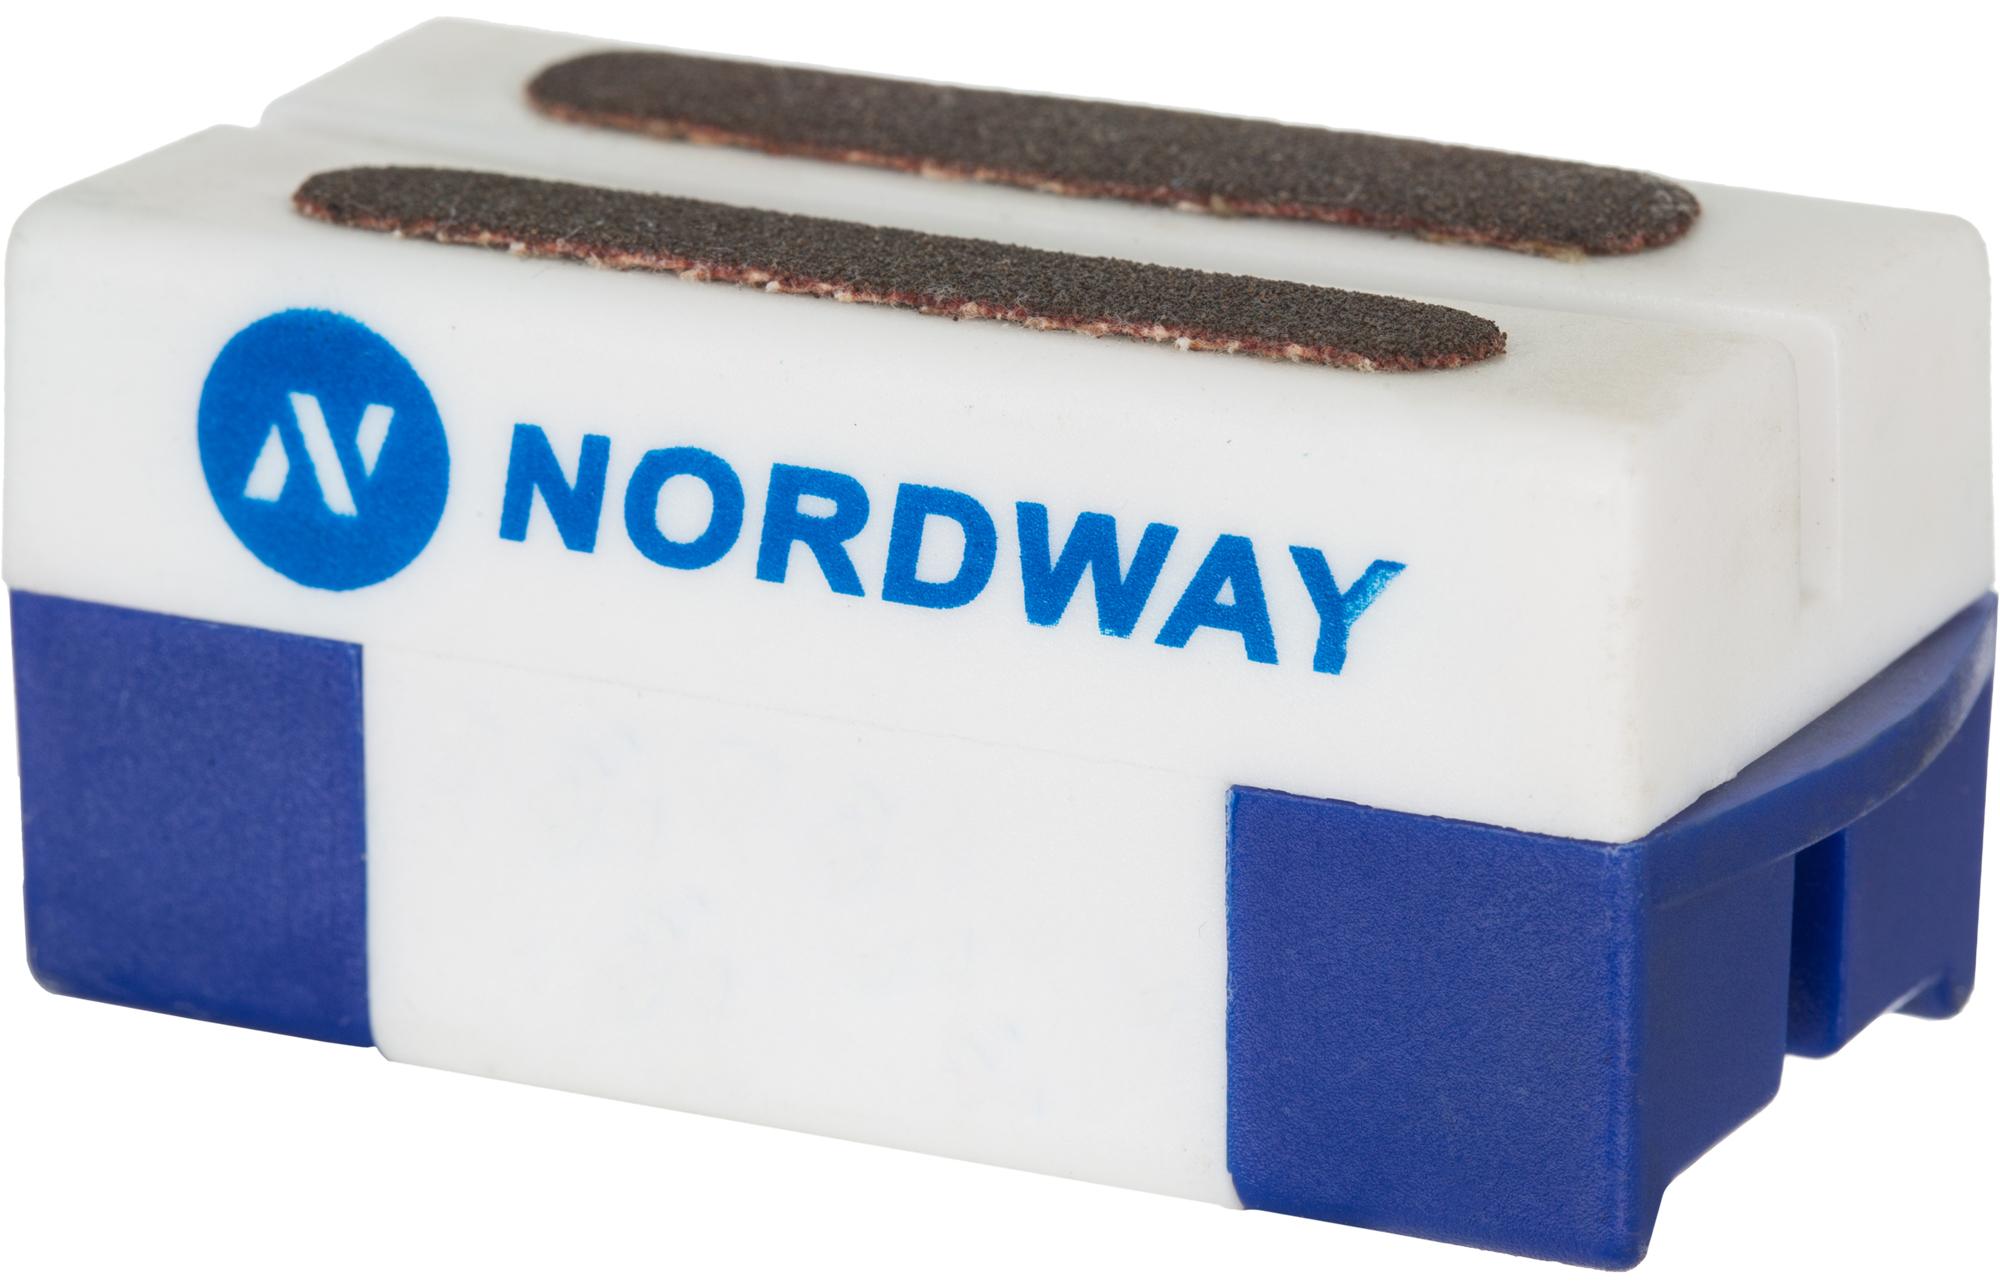 nordway сумка для переноски ледовых коньков детская nordway Nordway Приспособление для заточки коньков Nordway